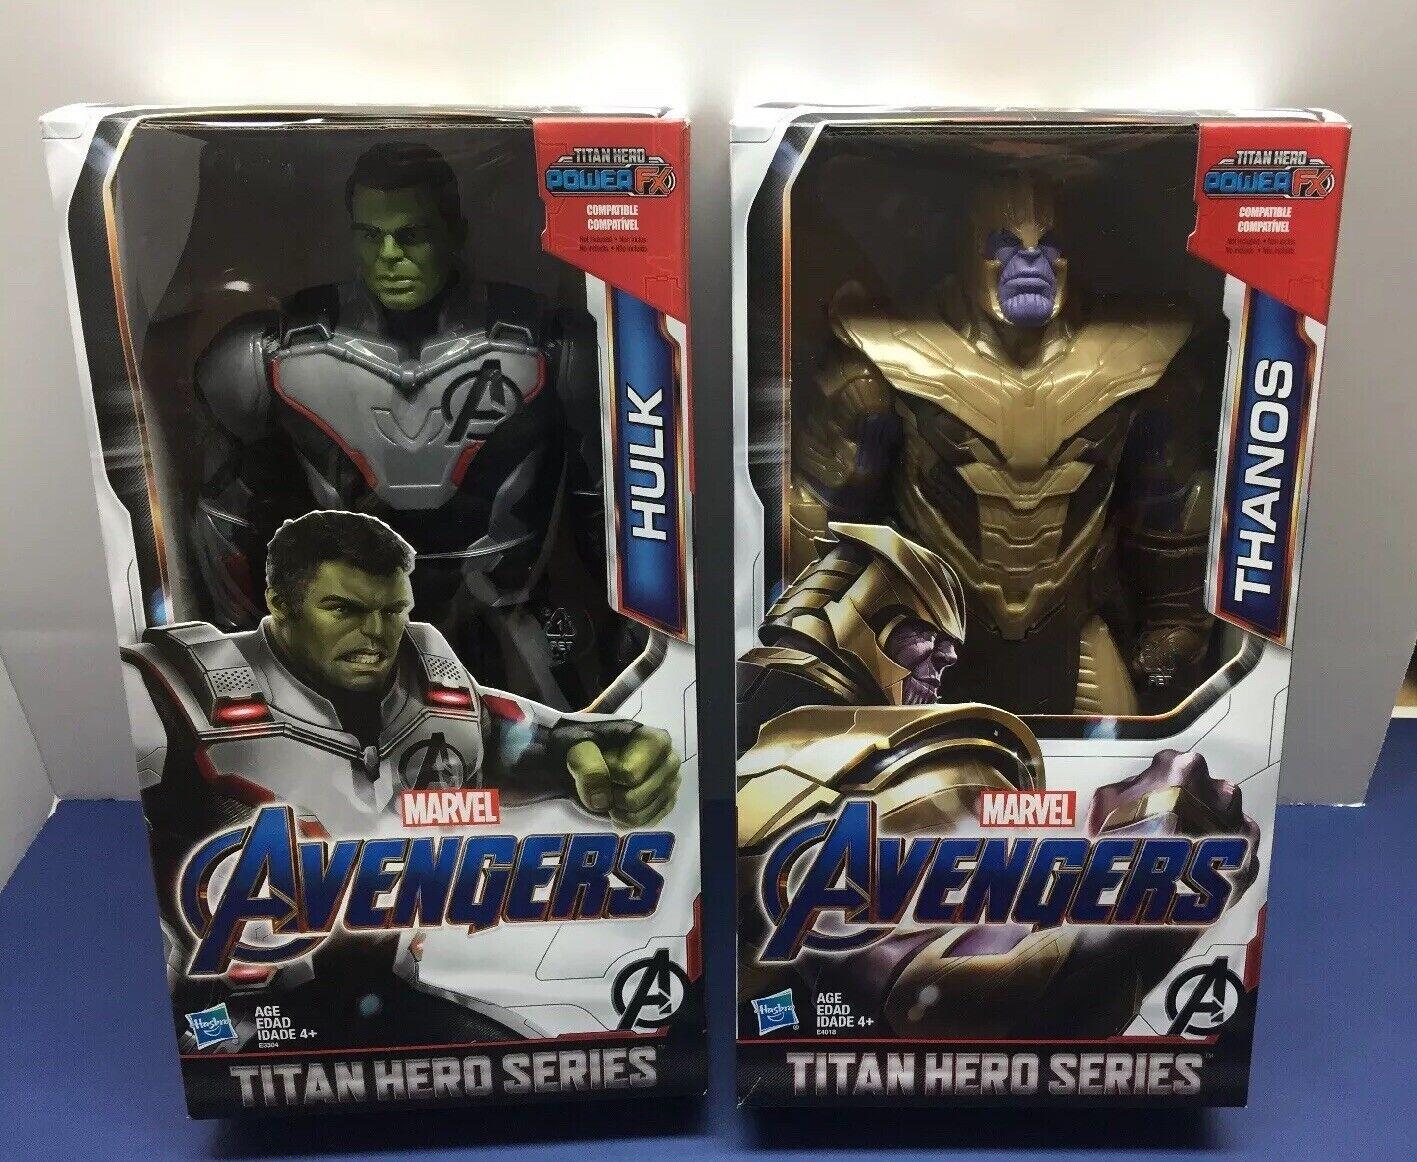 TITAN hero serie Lote De Juego Final Marvel Vengadores Figura Thanos 12  Hulk 12